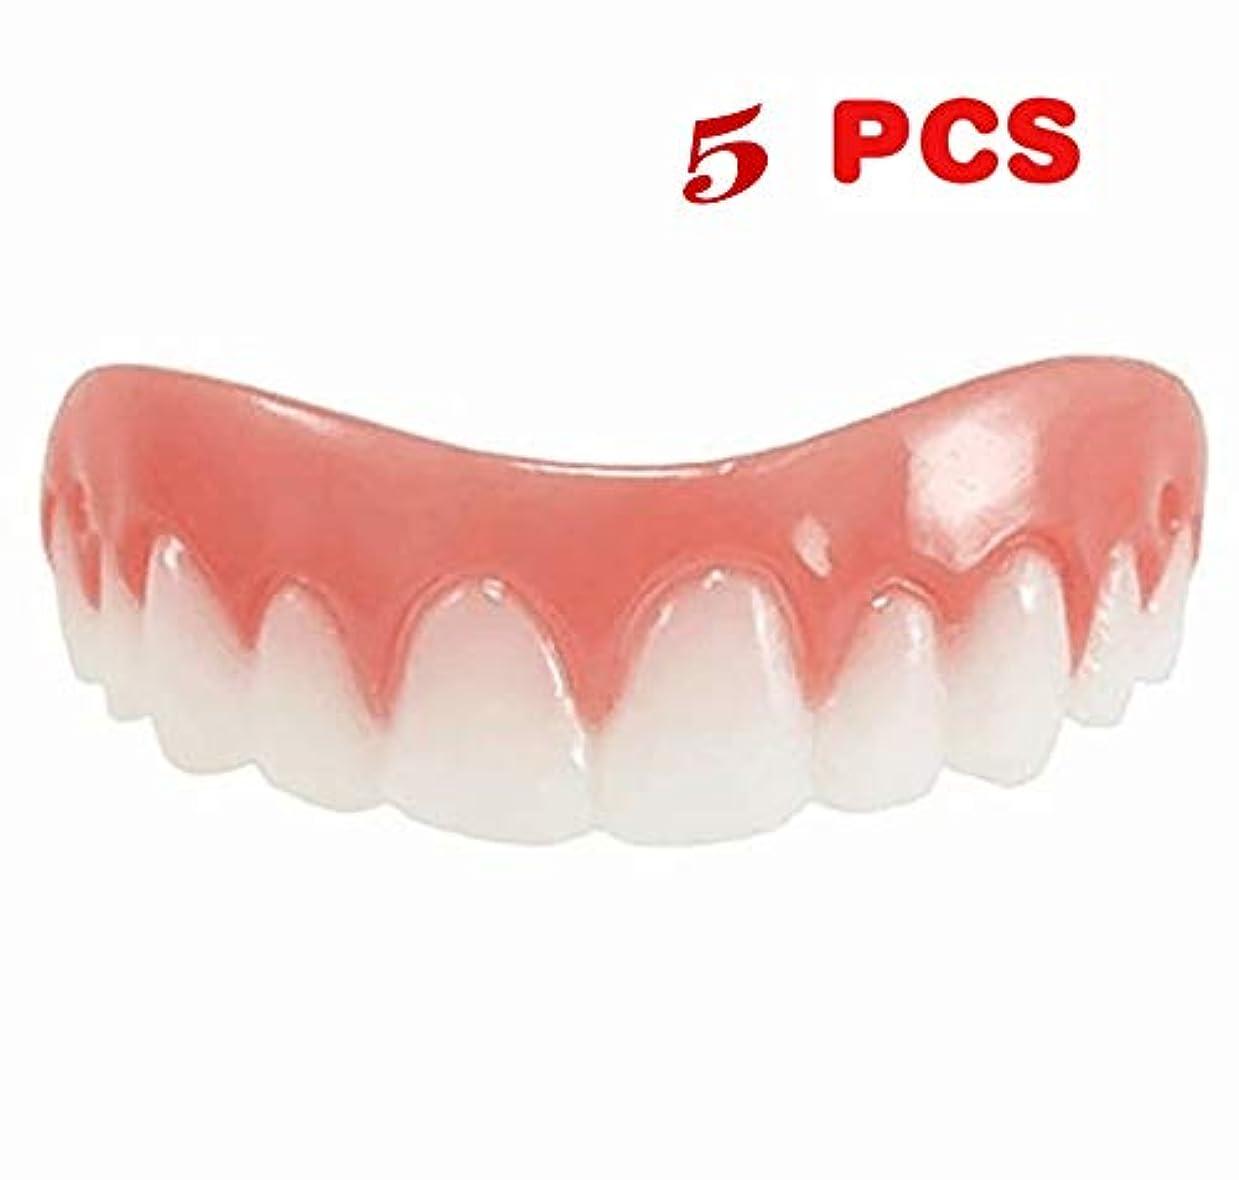 構造的鎮痛剤キー5ピース新しい再利用可能な大人のスナップオンパーフェクトスマイルホワイトニング義歯フィットフレックス化粧品歯快適な突き板カバーデンタルケアアクセサリー